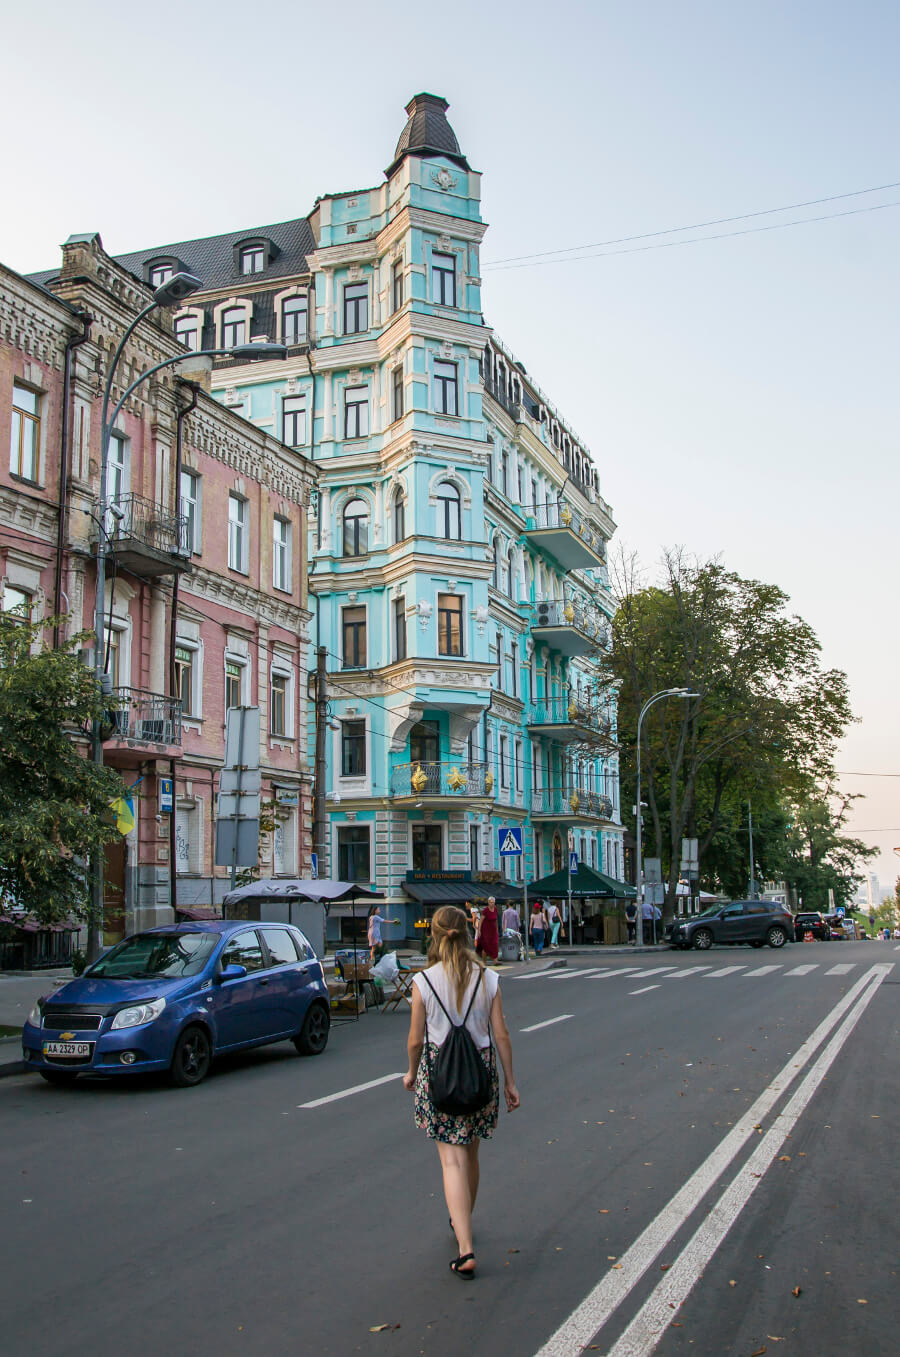 Zwiedzanie Kijowa - Kamienice Kijowa